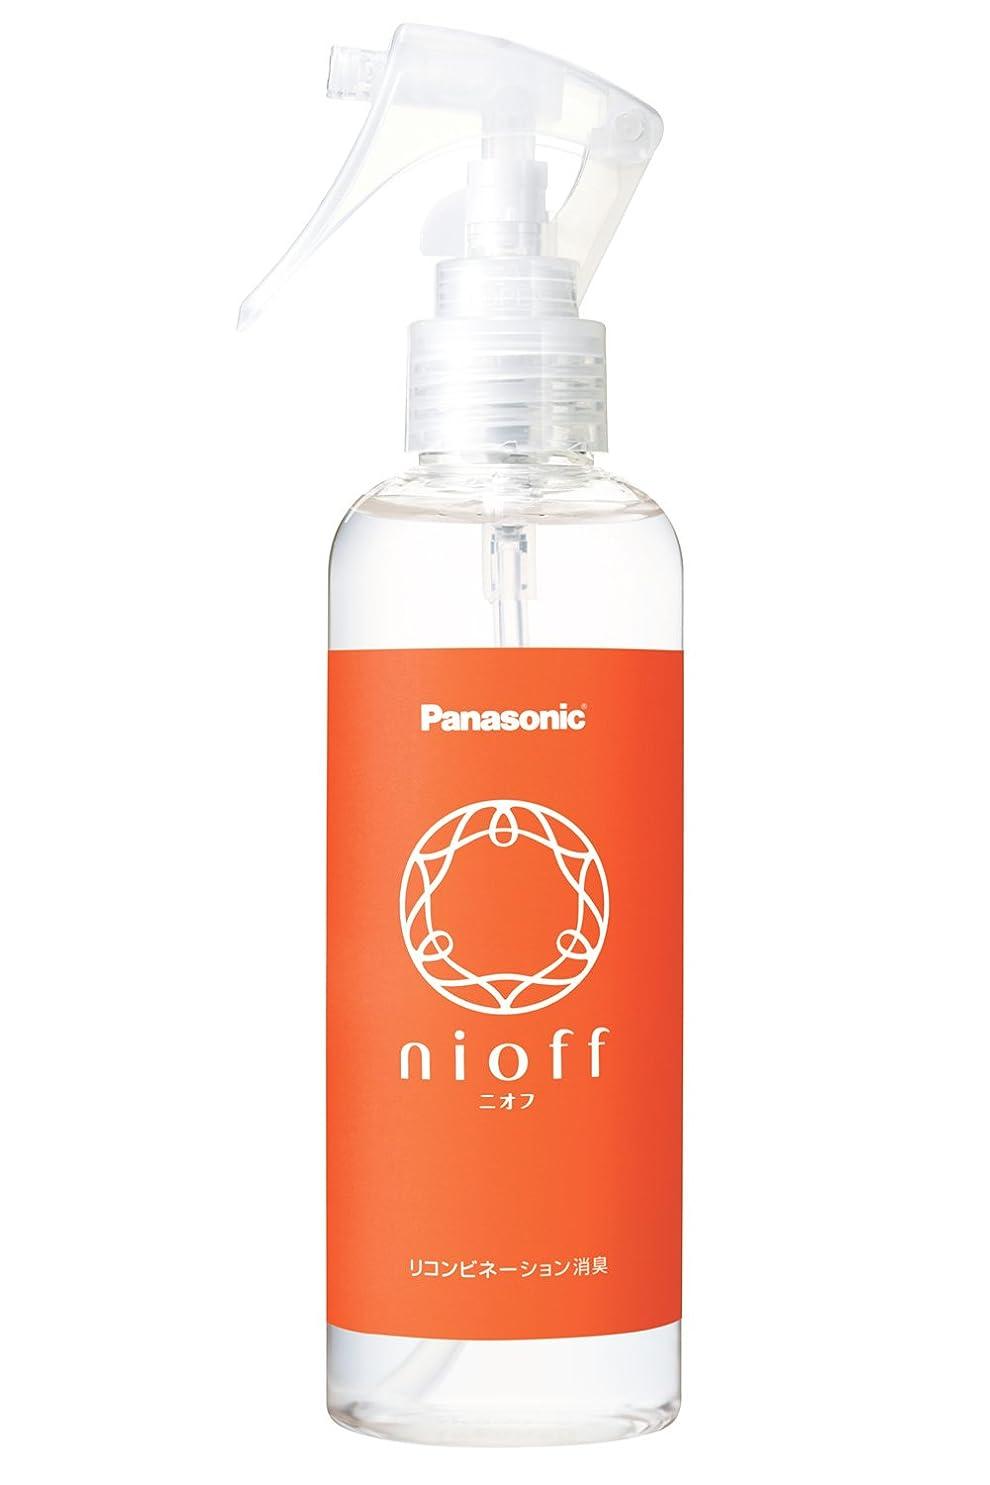 頭痛予防接種する一晩Panasonic nioff(ニオフ) NF-M001